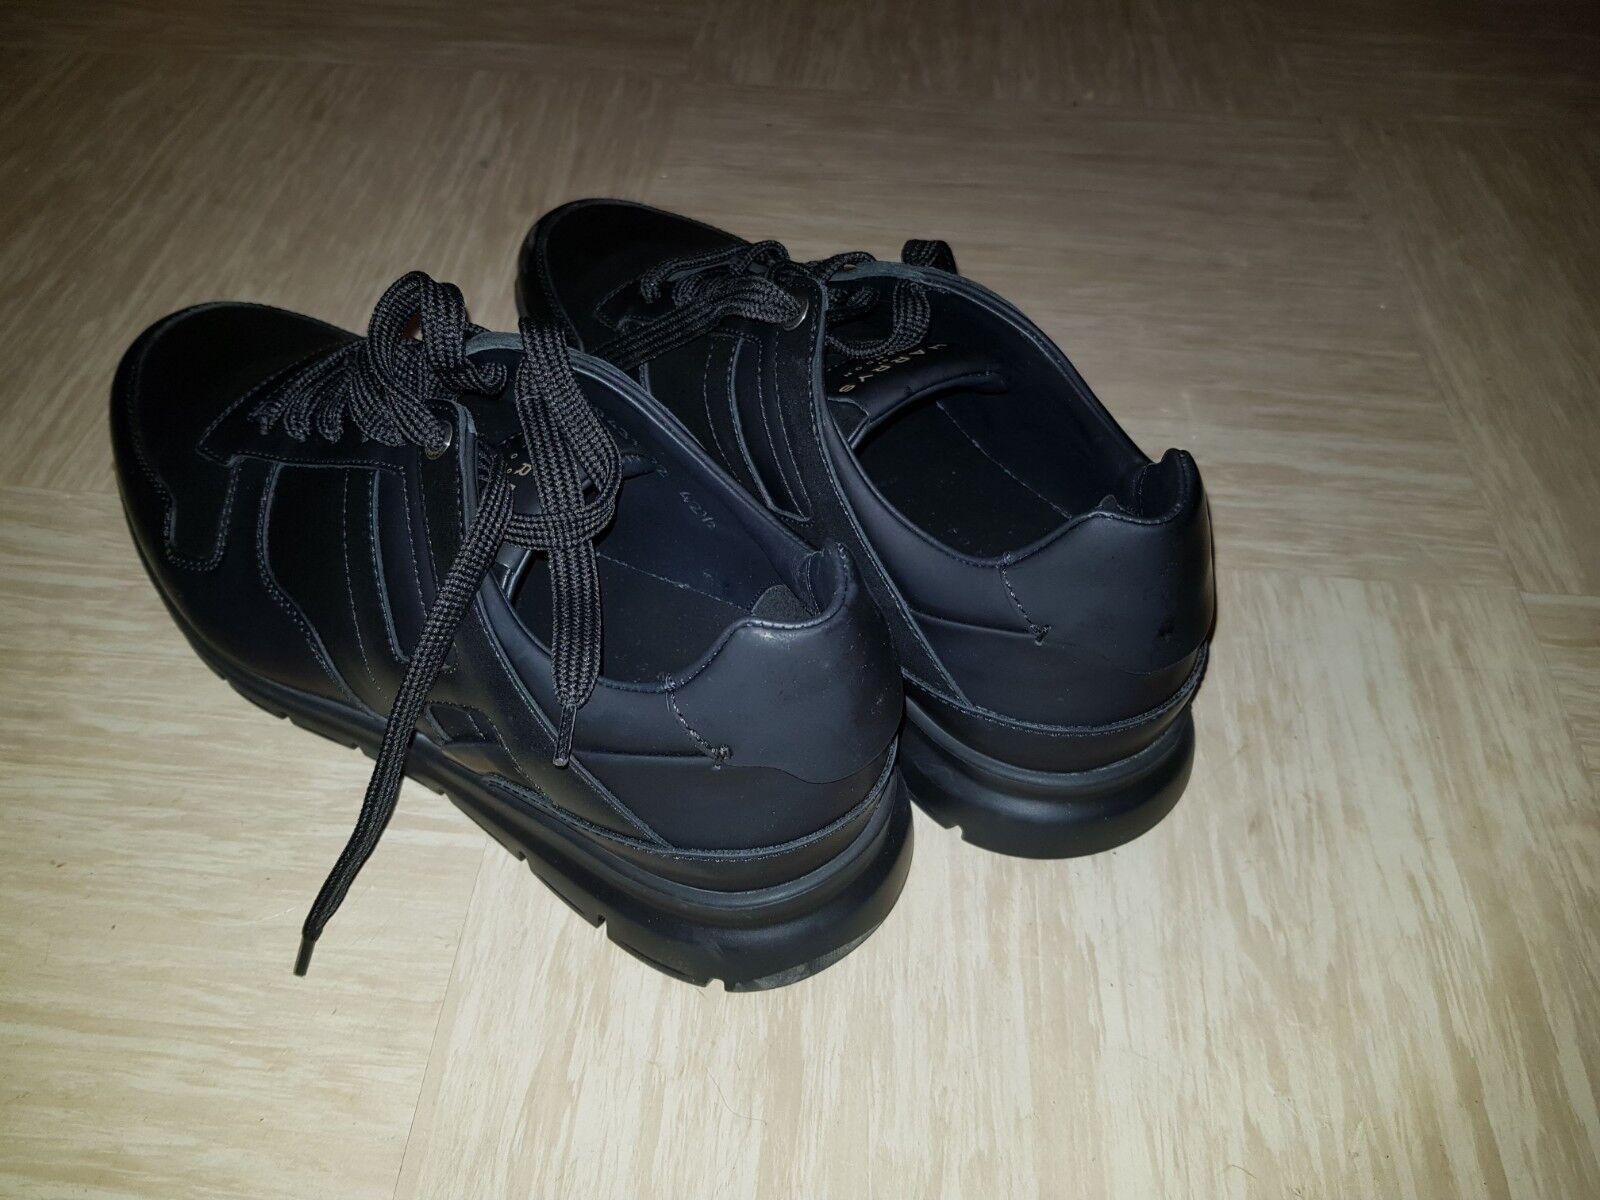 Zapatos para hombre Harrys Of Londres zapatillas tamaño 8.5 Rep